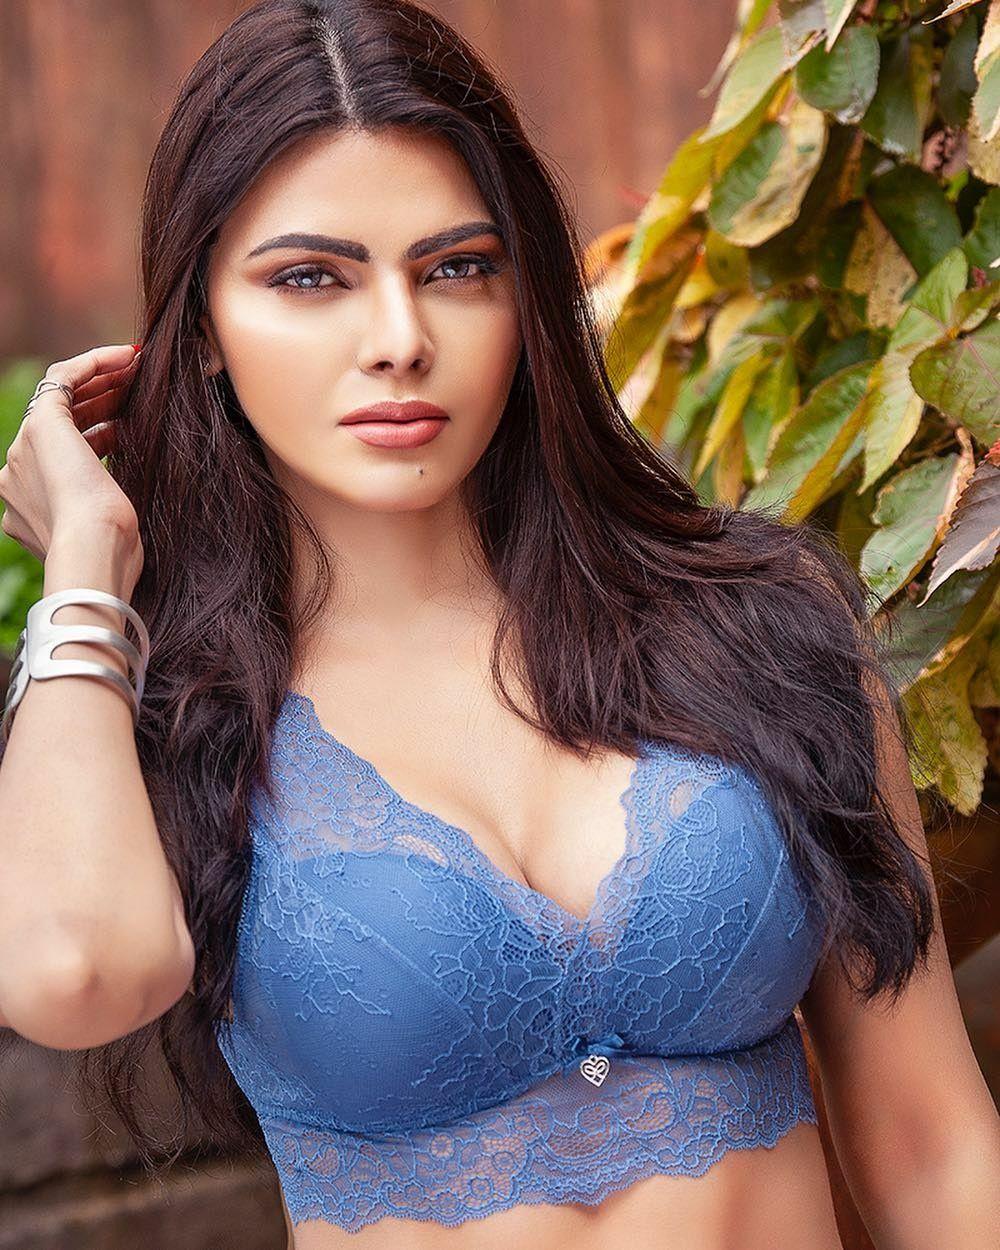 Andrea Lareo